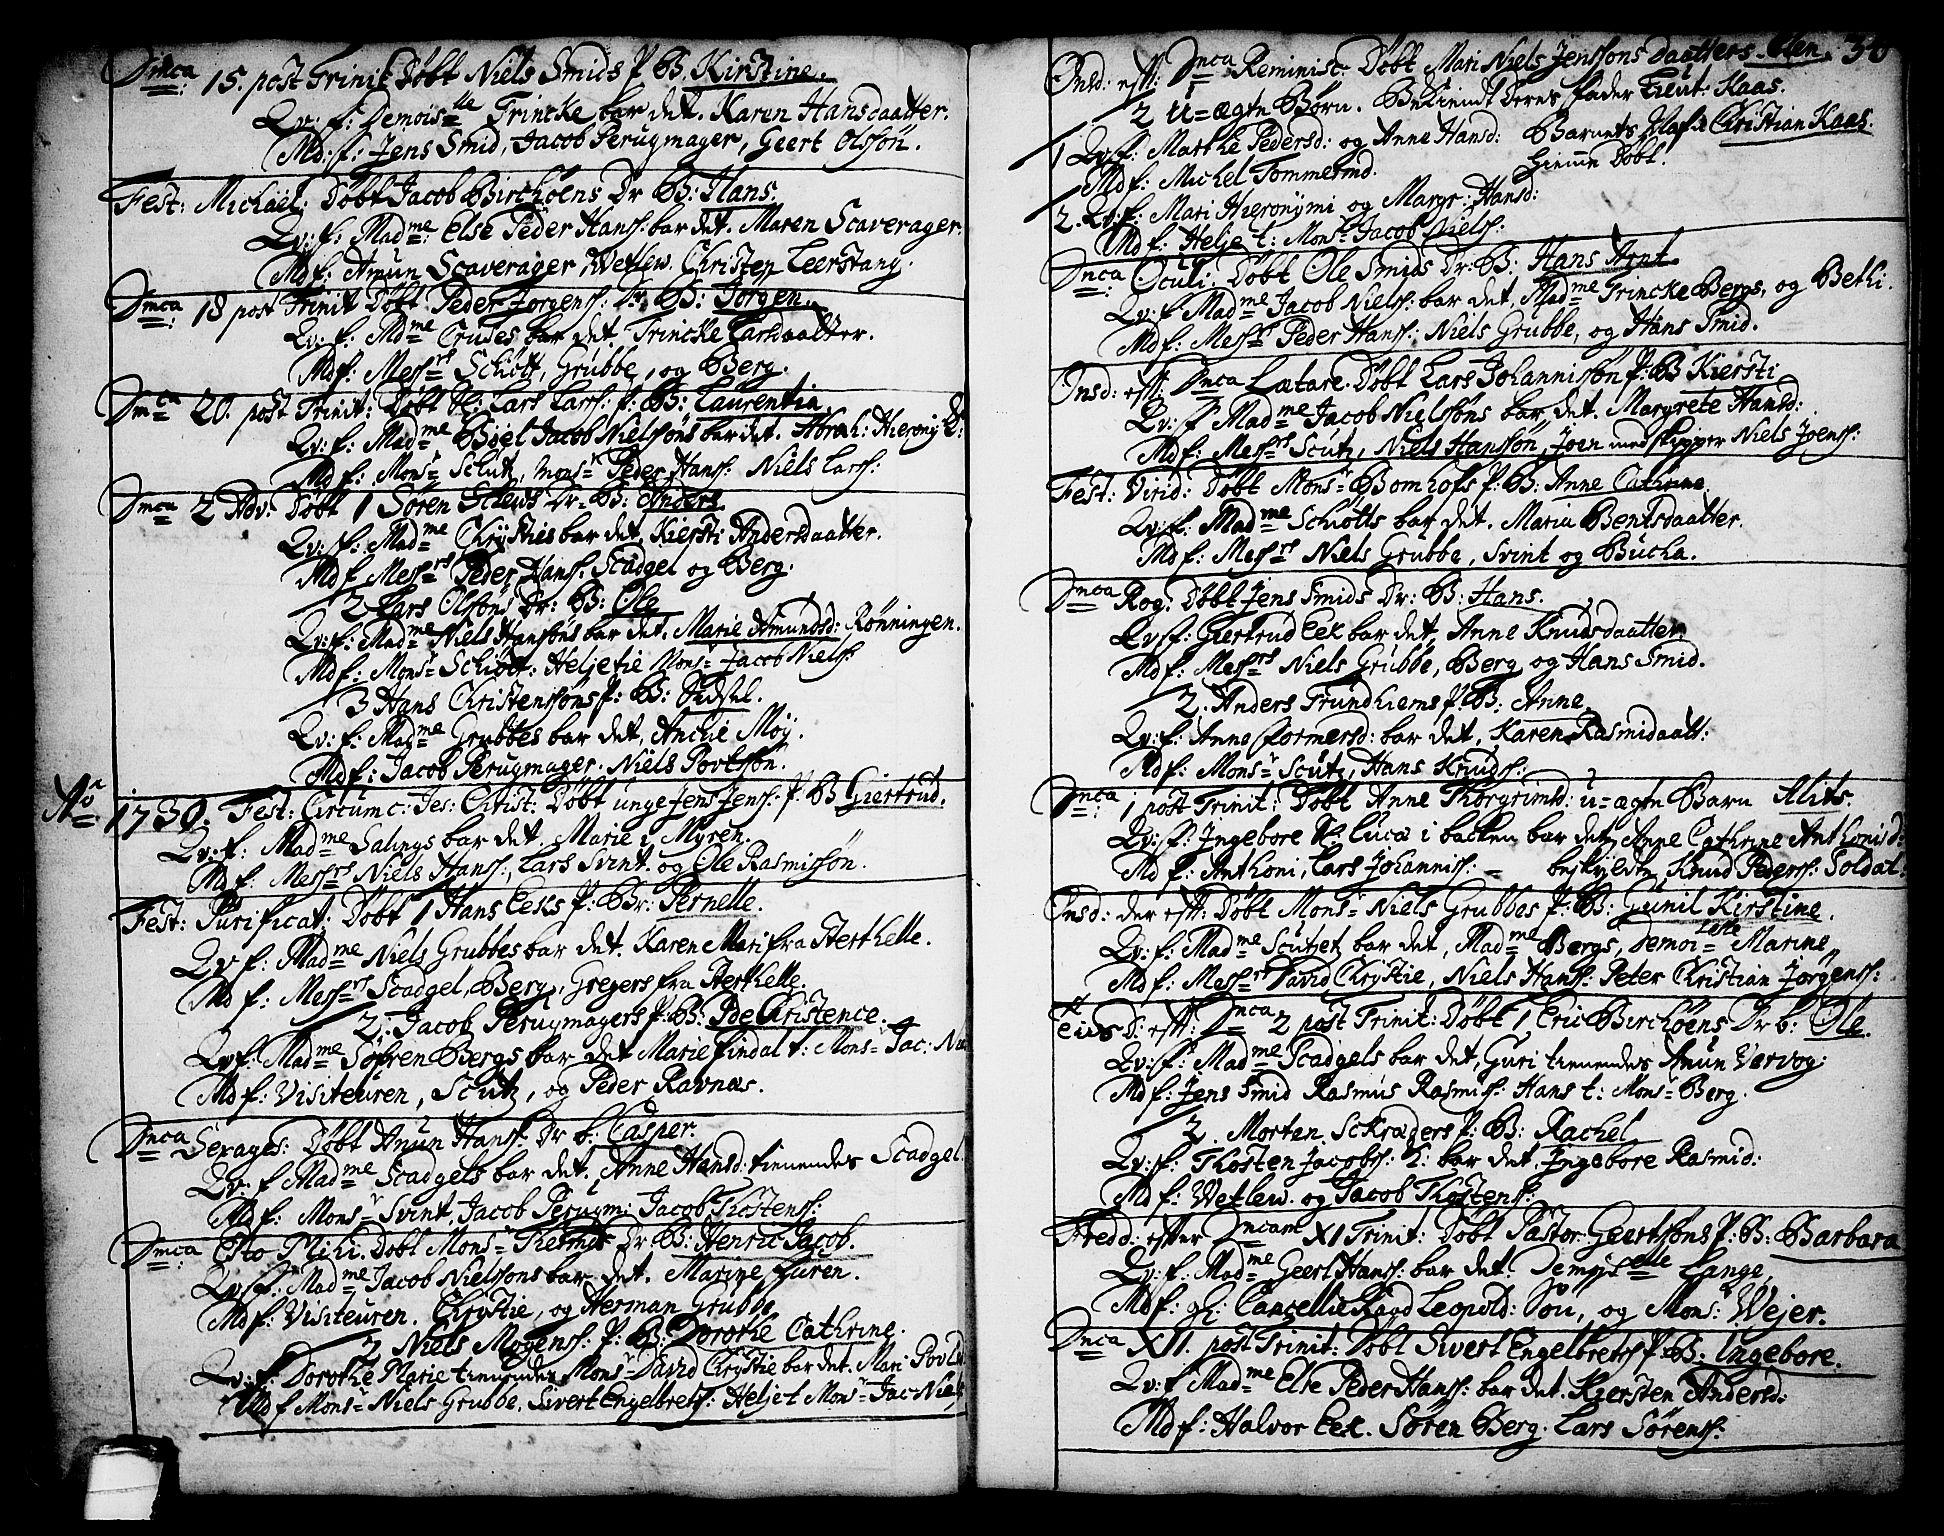 SAKO, Brevik kirkebøker, F/Fa/L0002: Ministerialbok nr. 2, 1720-1764, s. 34a